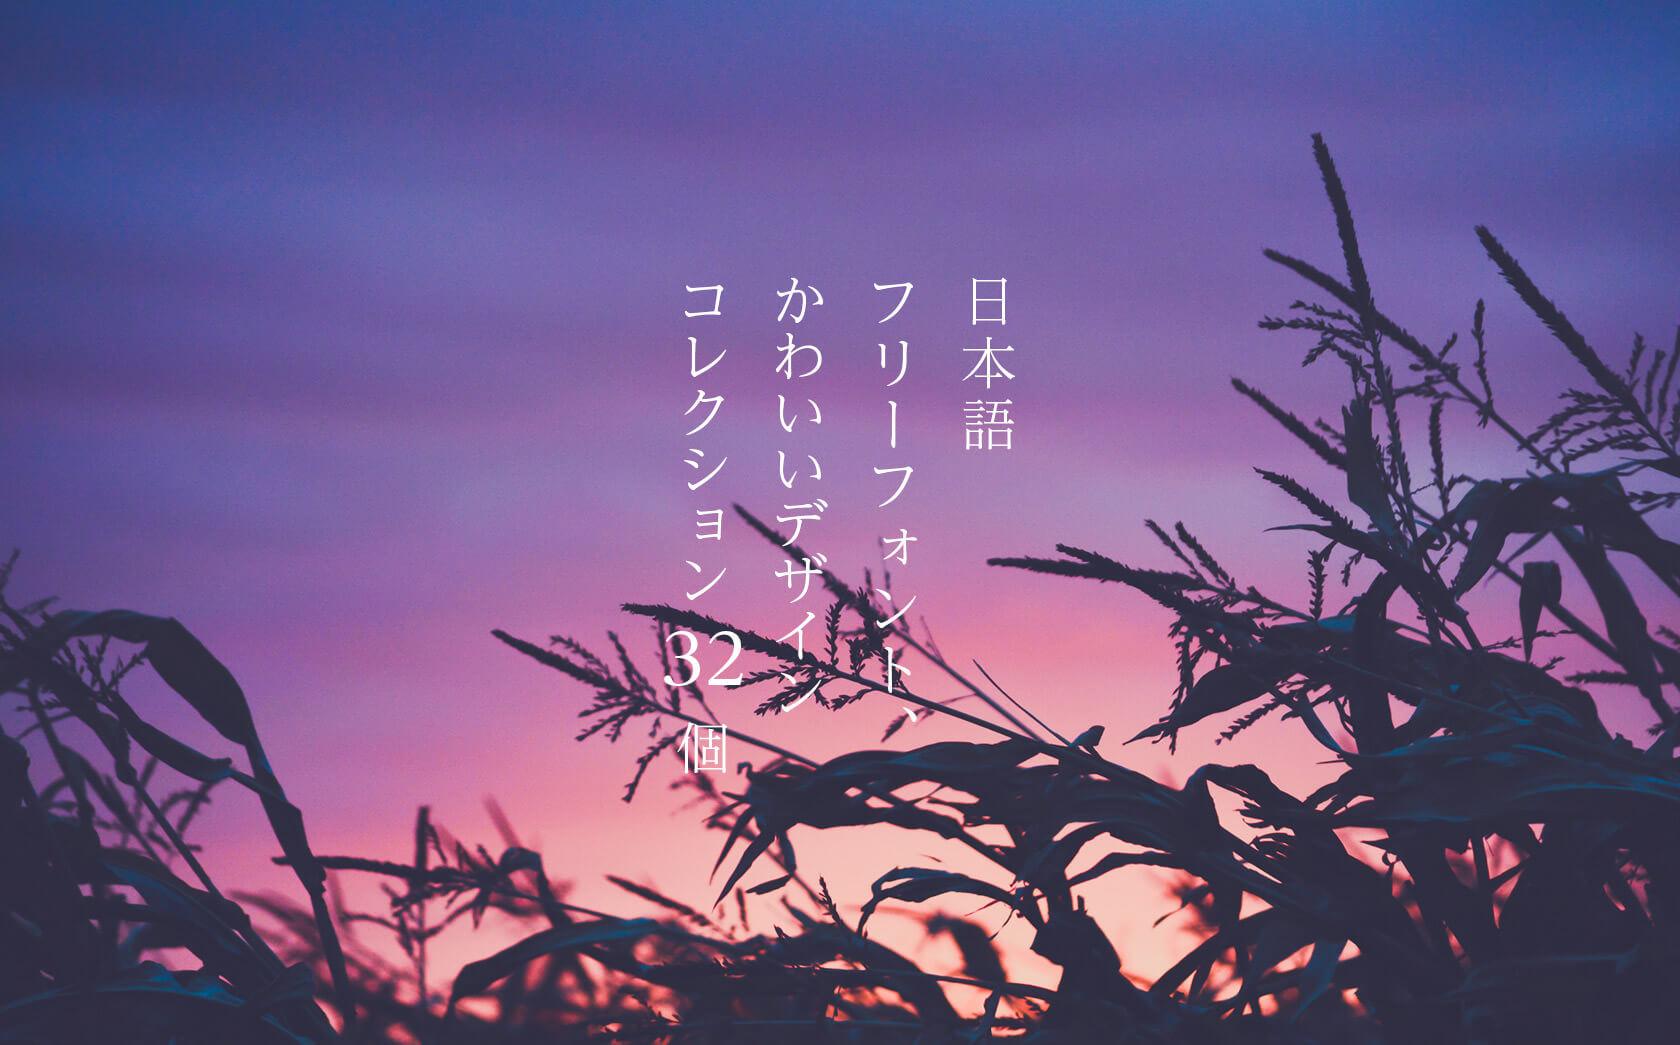 日本語フリーフォント、かわいいデザインコレクション厳選30個